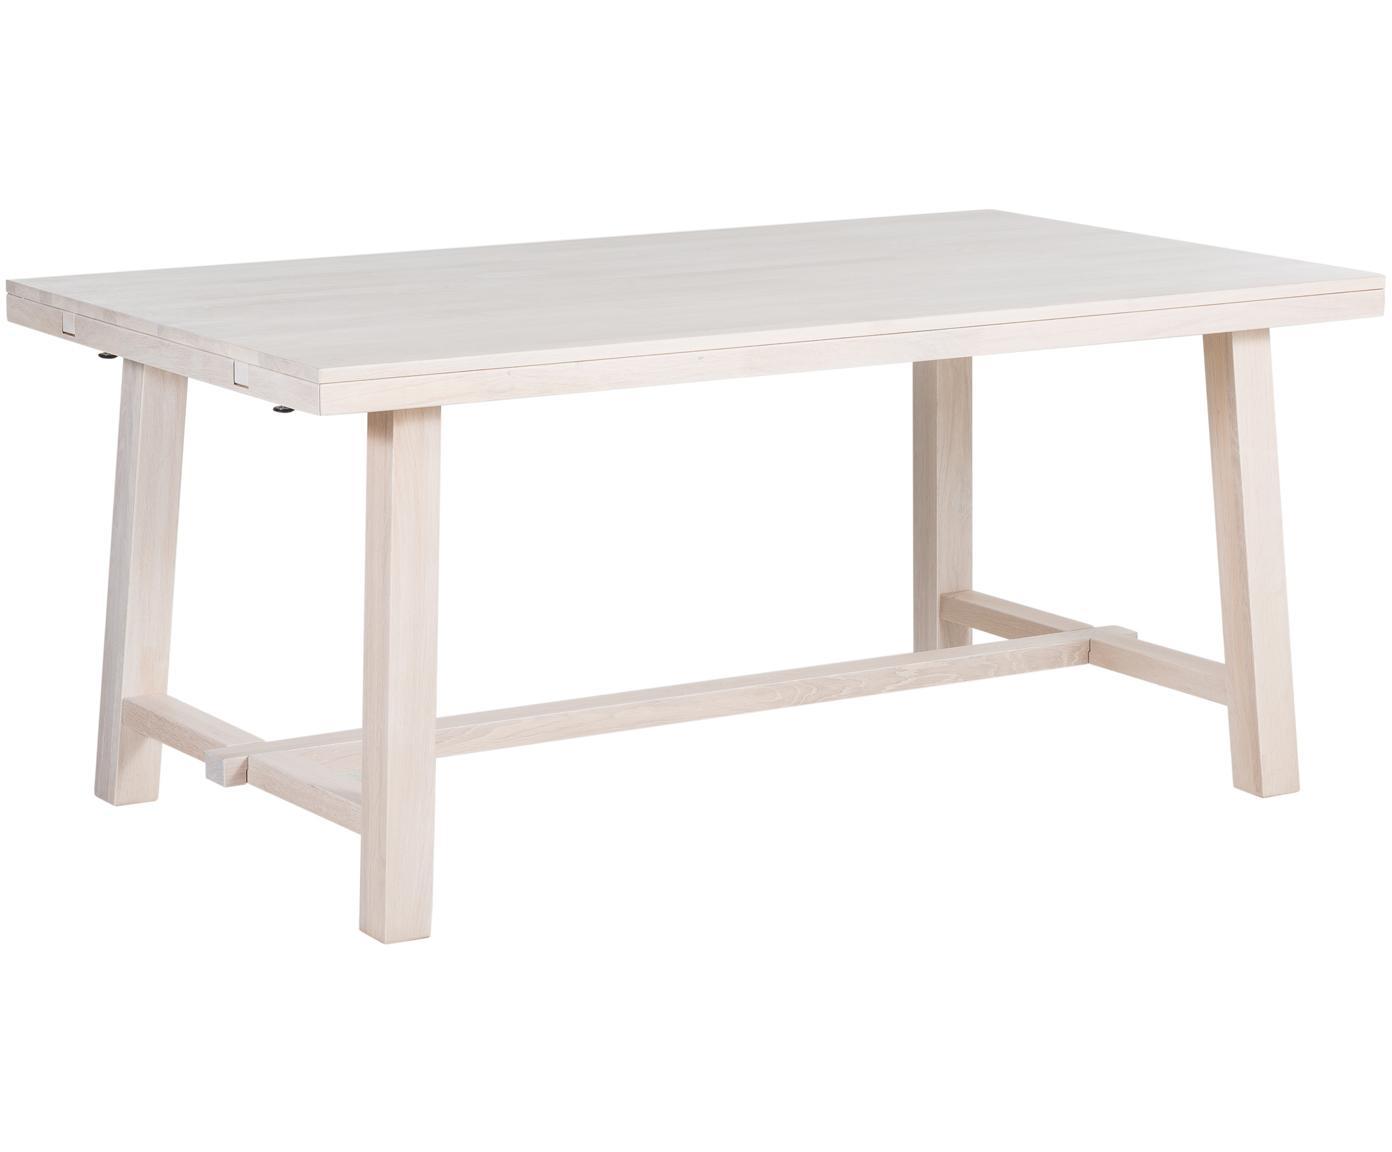 Verlängerbarer Massivholz Esstisch Brooklyn aus Eiche, Eichenholz, massiv, weiß gewaschen und geölt, Eichenholz, weiß gewaschen, B 170 bis 220 x T 95 cm